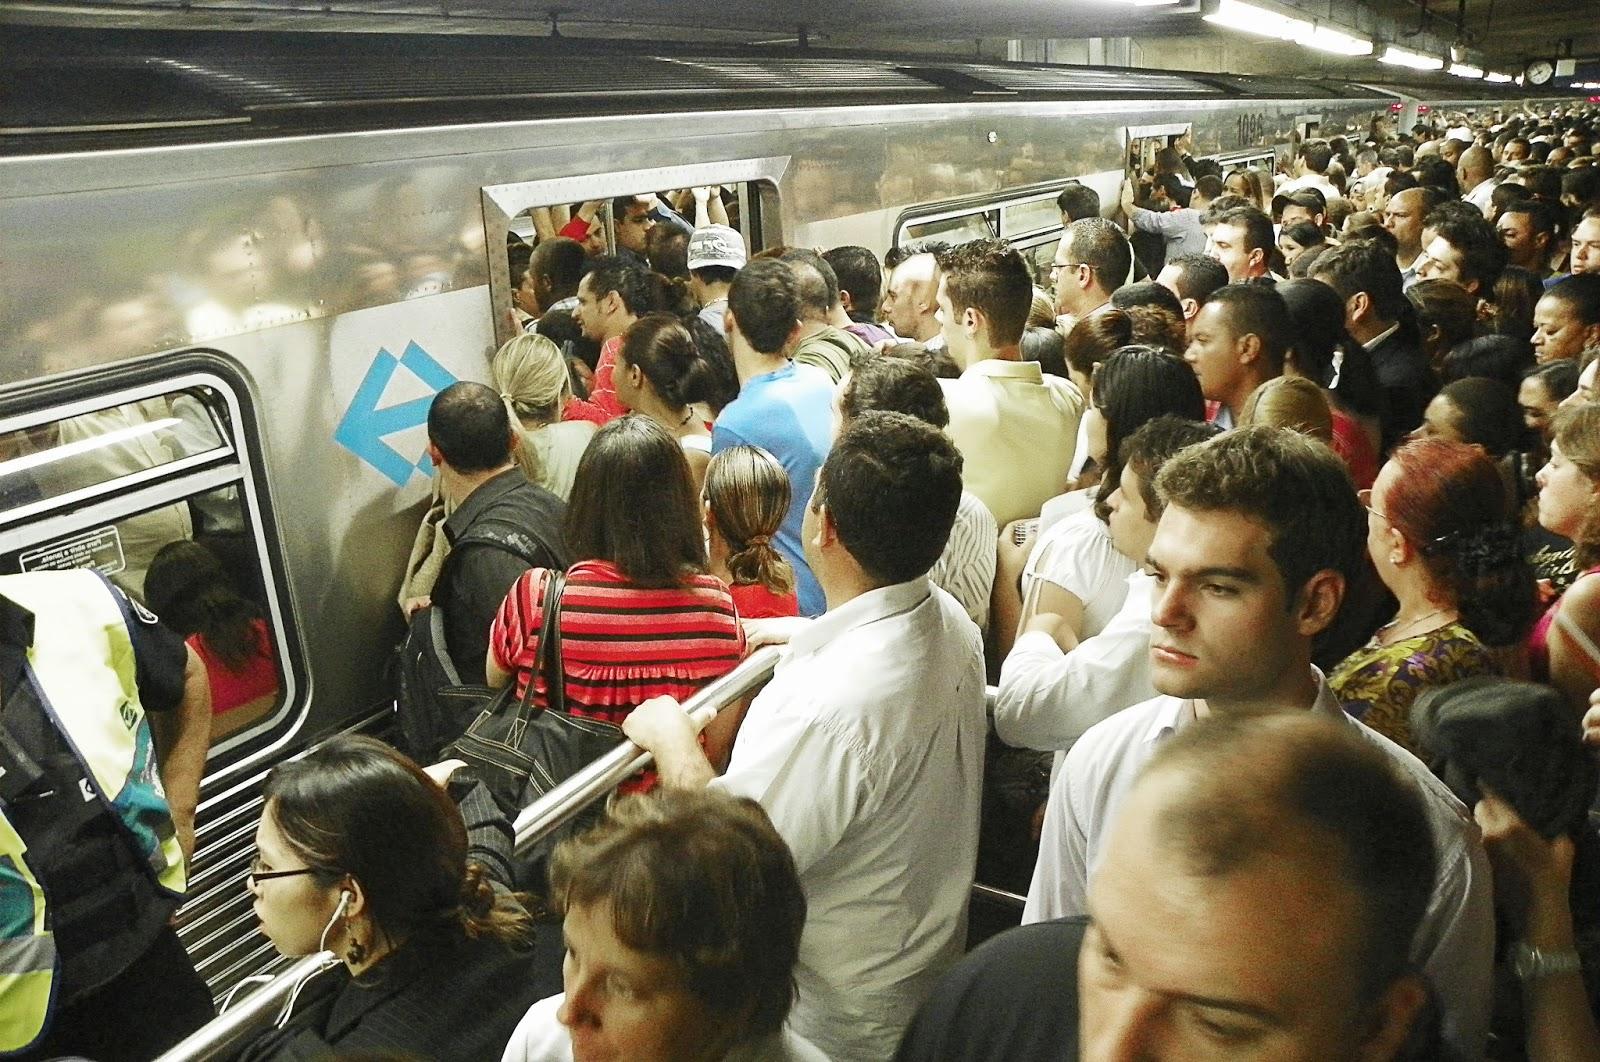 Metrô de São Paulo lotado - Um Asno